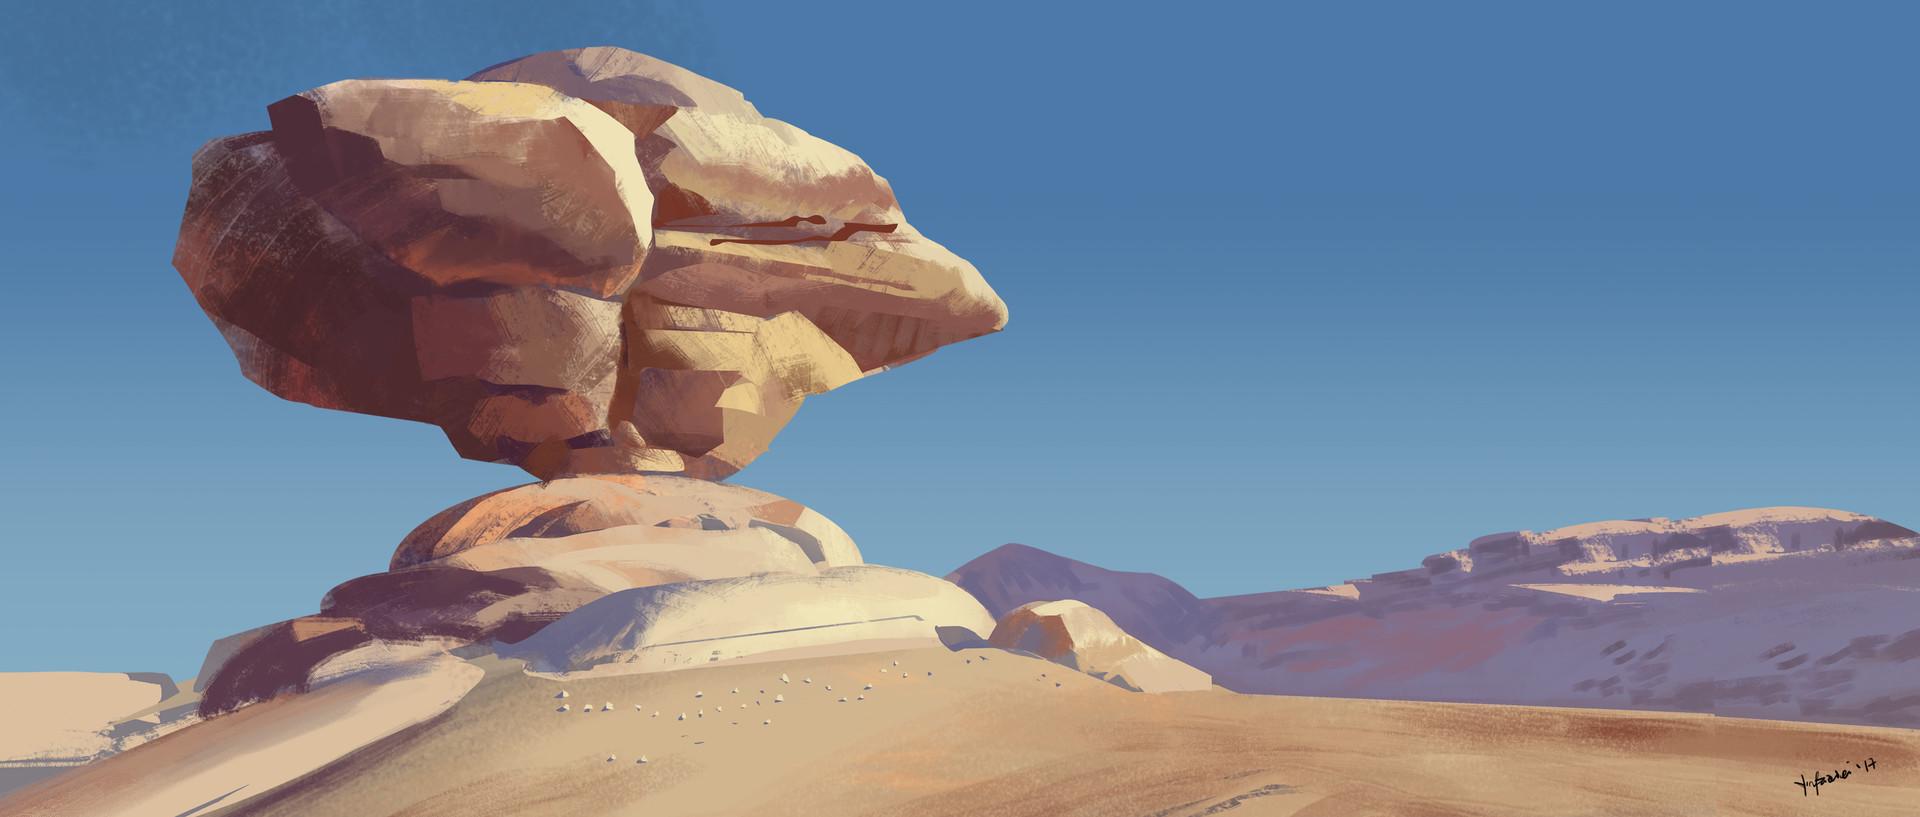 Harrison yinfaowei 20 9 17 rocks